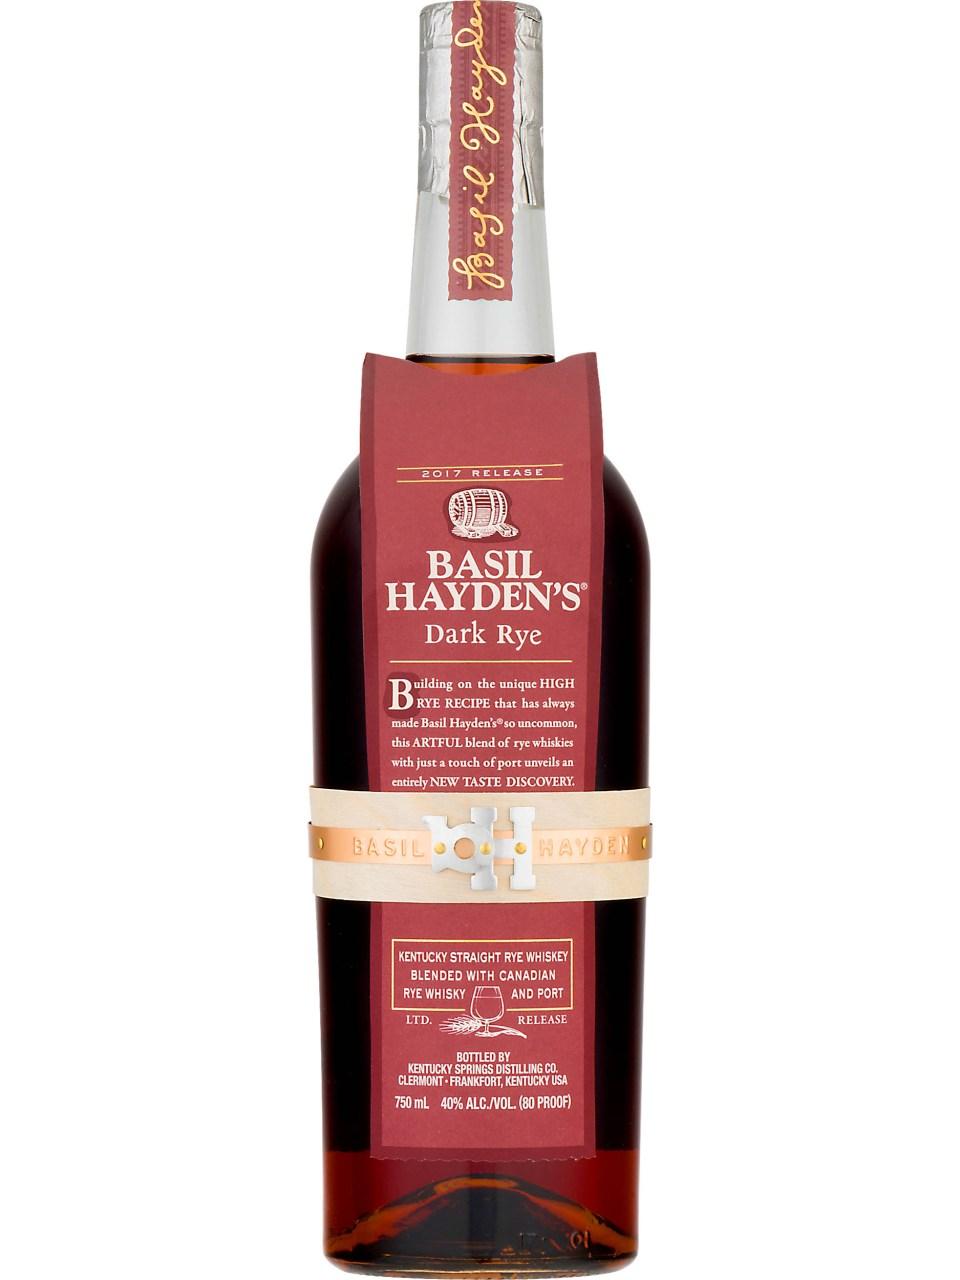 Basil Hayden Dark Rye Kentucky Straight Whiskey